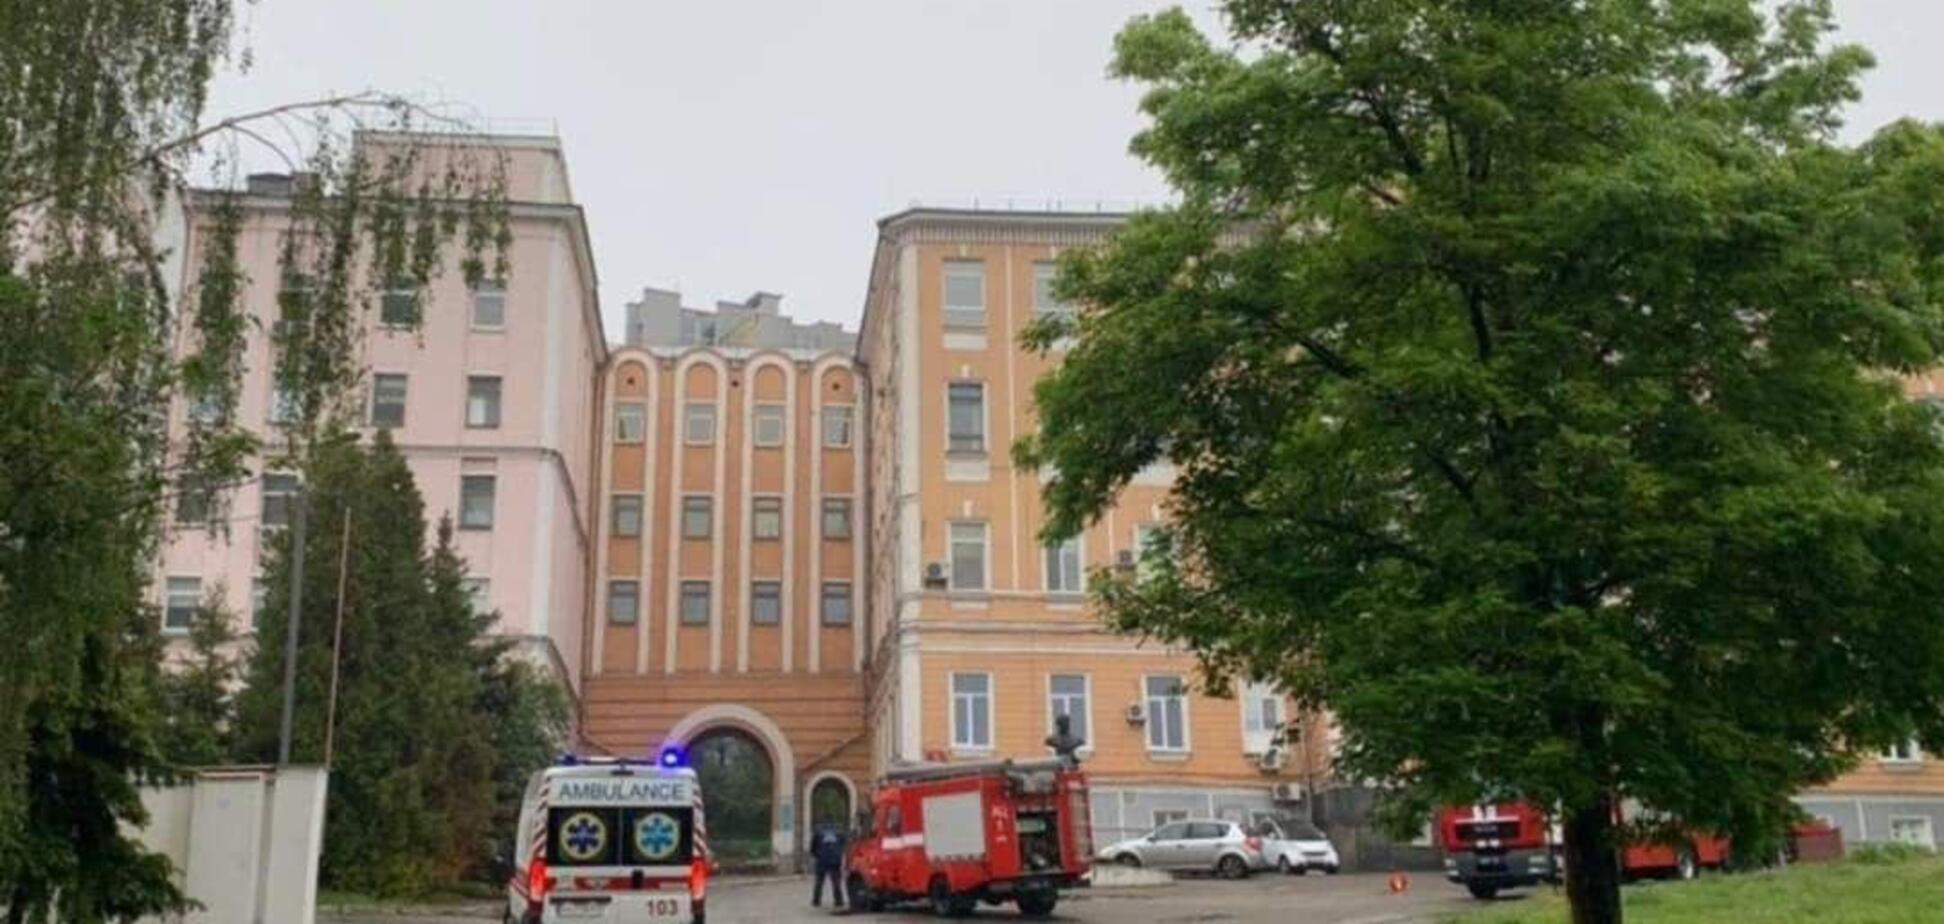 Пожежа в Олександрівській лікарні: головна лікарка заявила про навмисний підпал